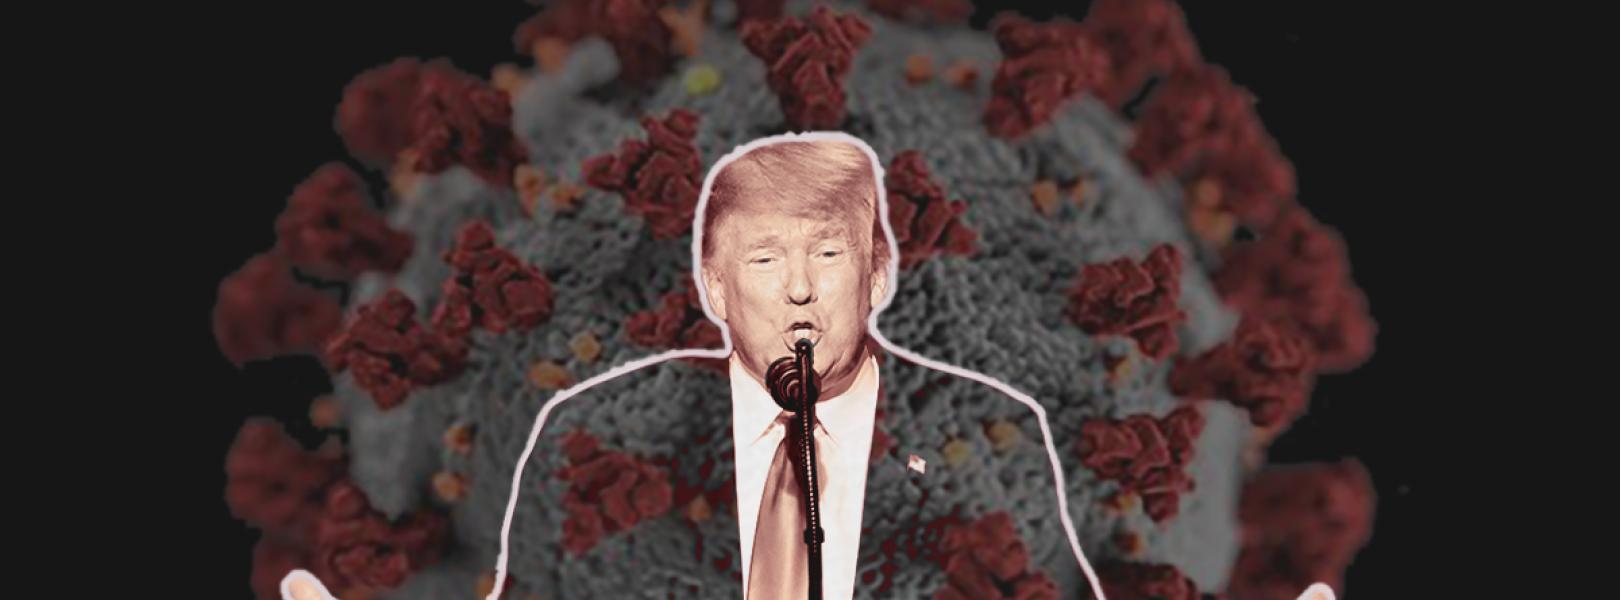 Trump and the coronavirus